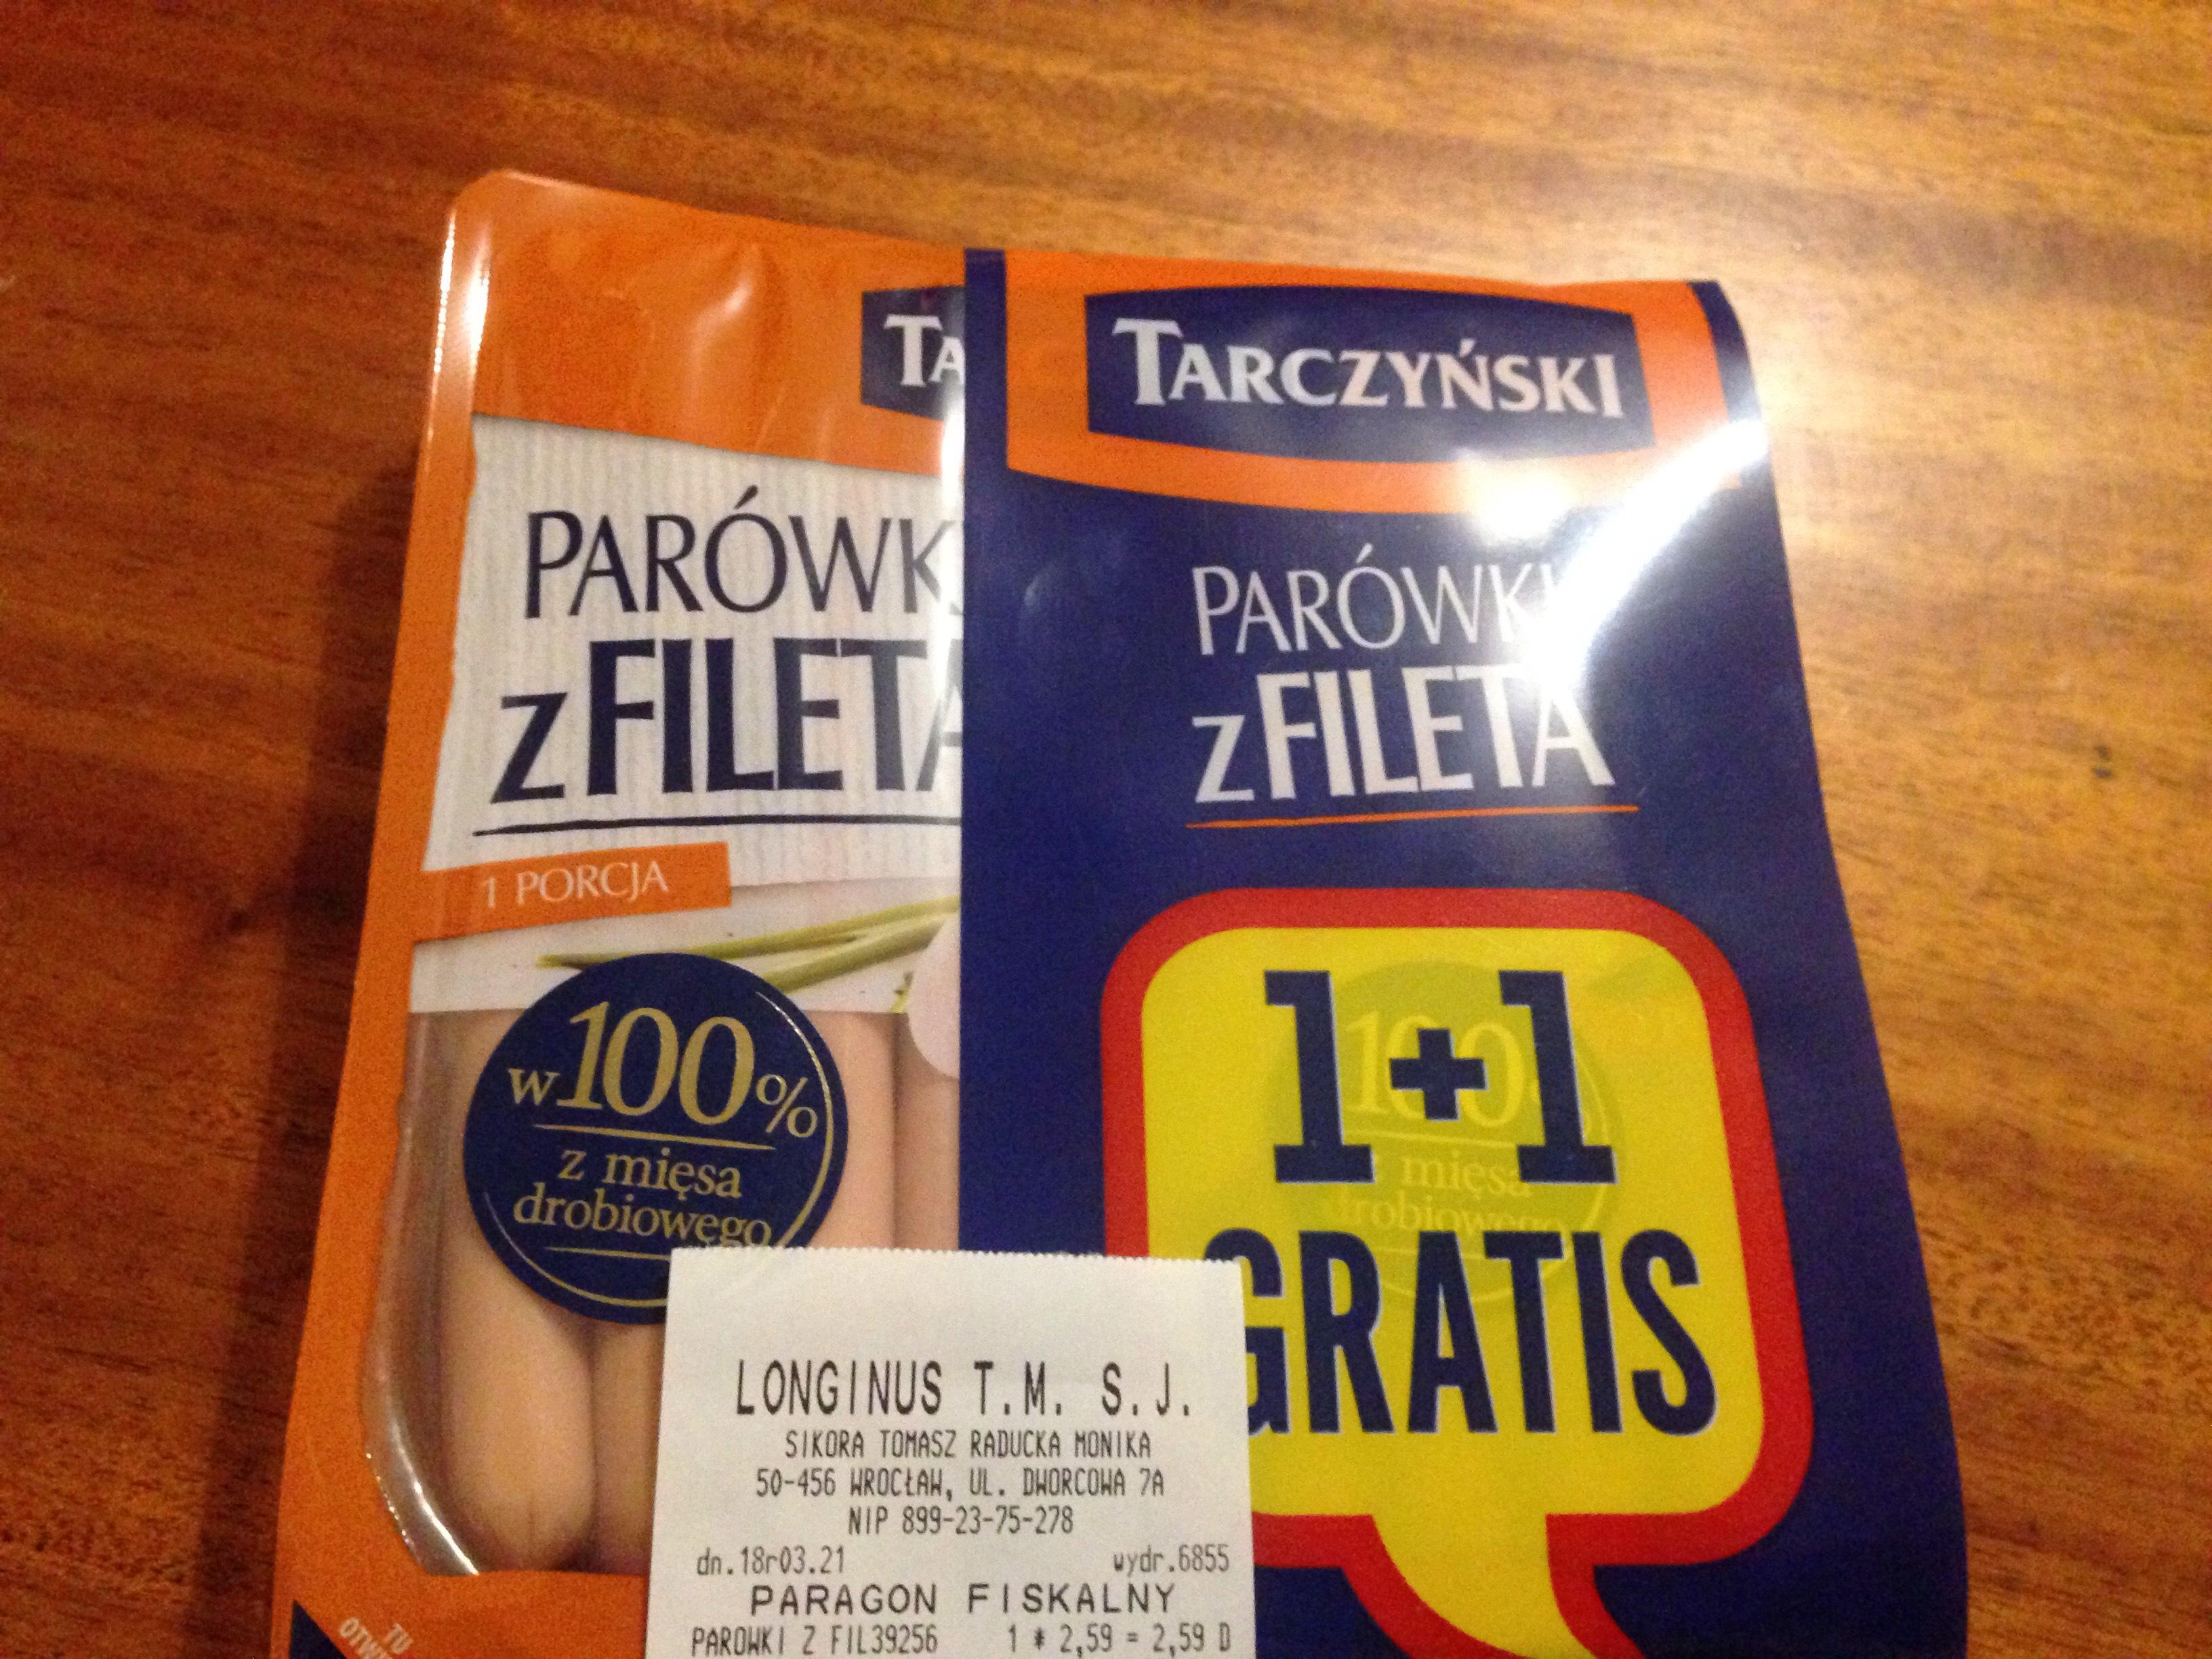 Parówki z fileta Tarczyński @Wrocław